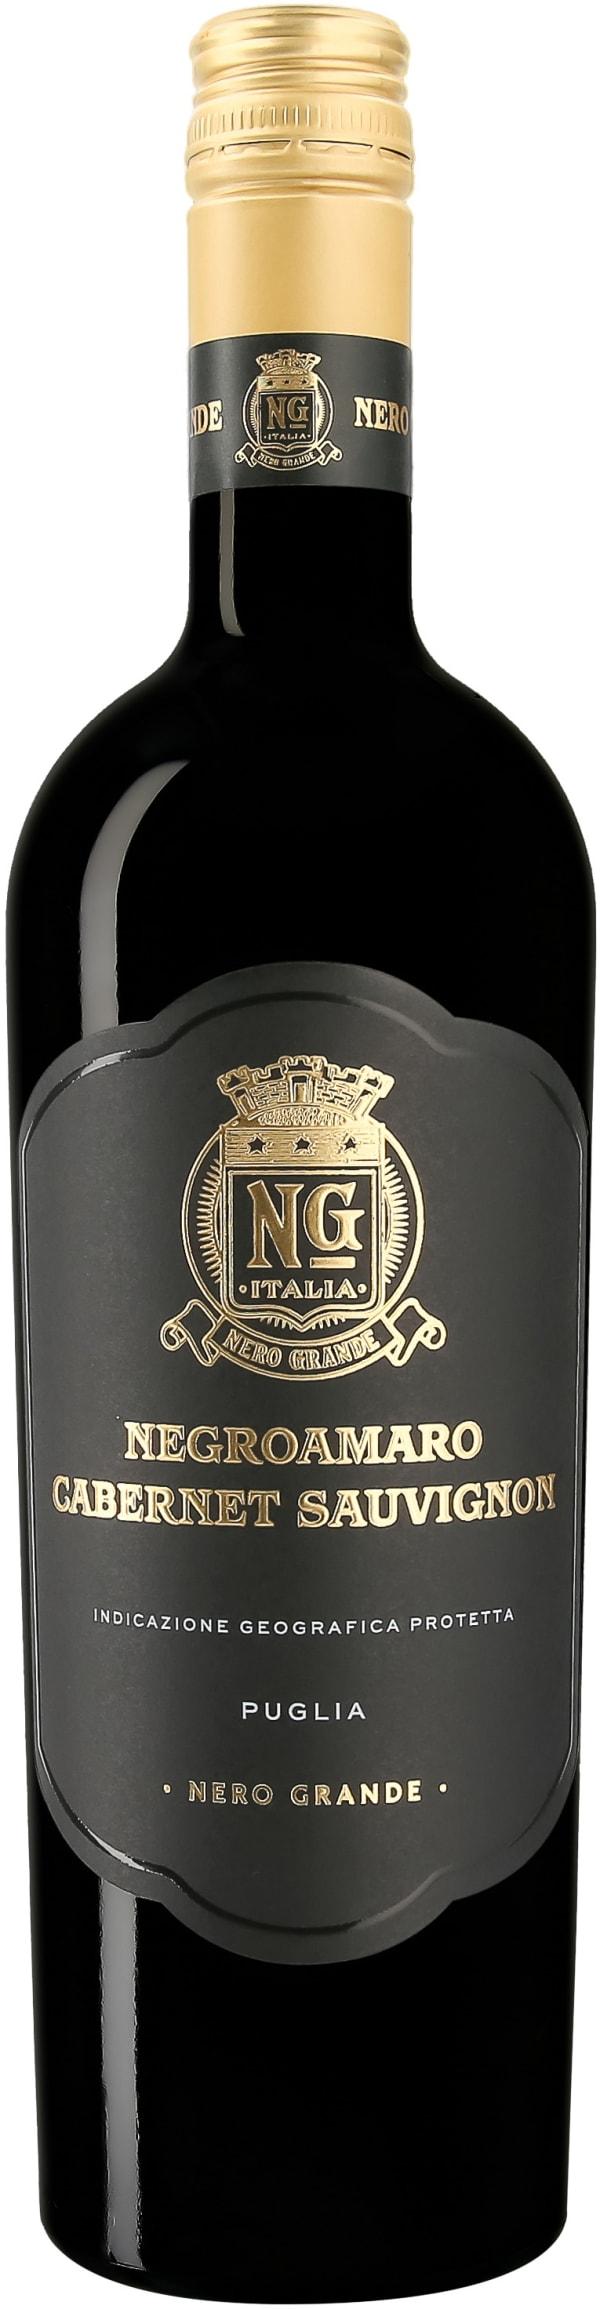 Nero Negroamaro Cabernet Sauvignon 2015